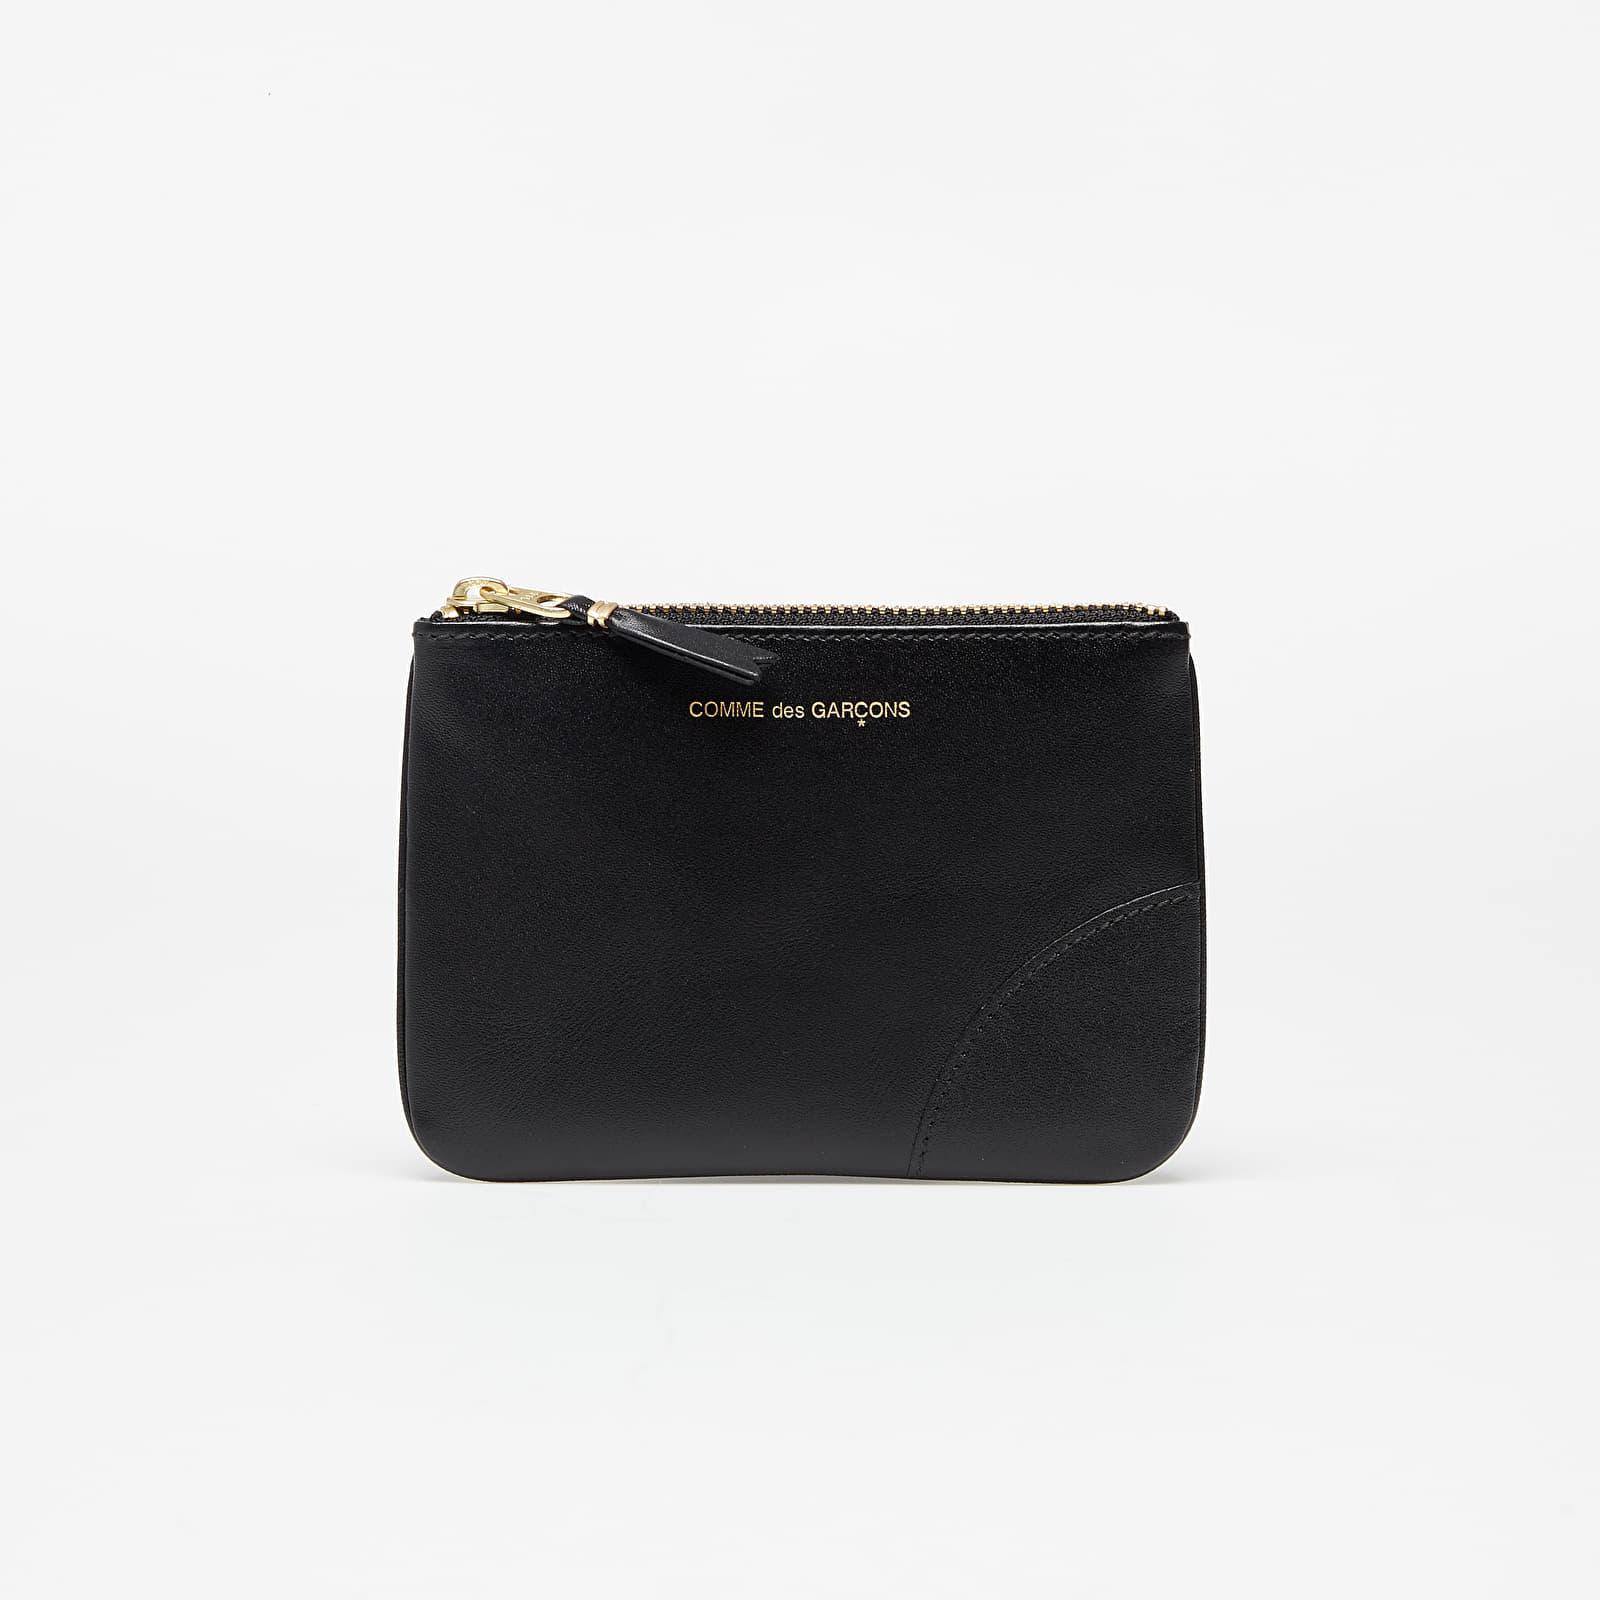 Portafogli Comme des Garçons Wallet Classic Line Leather Wallet Black